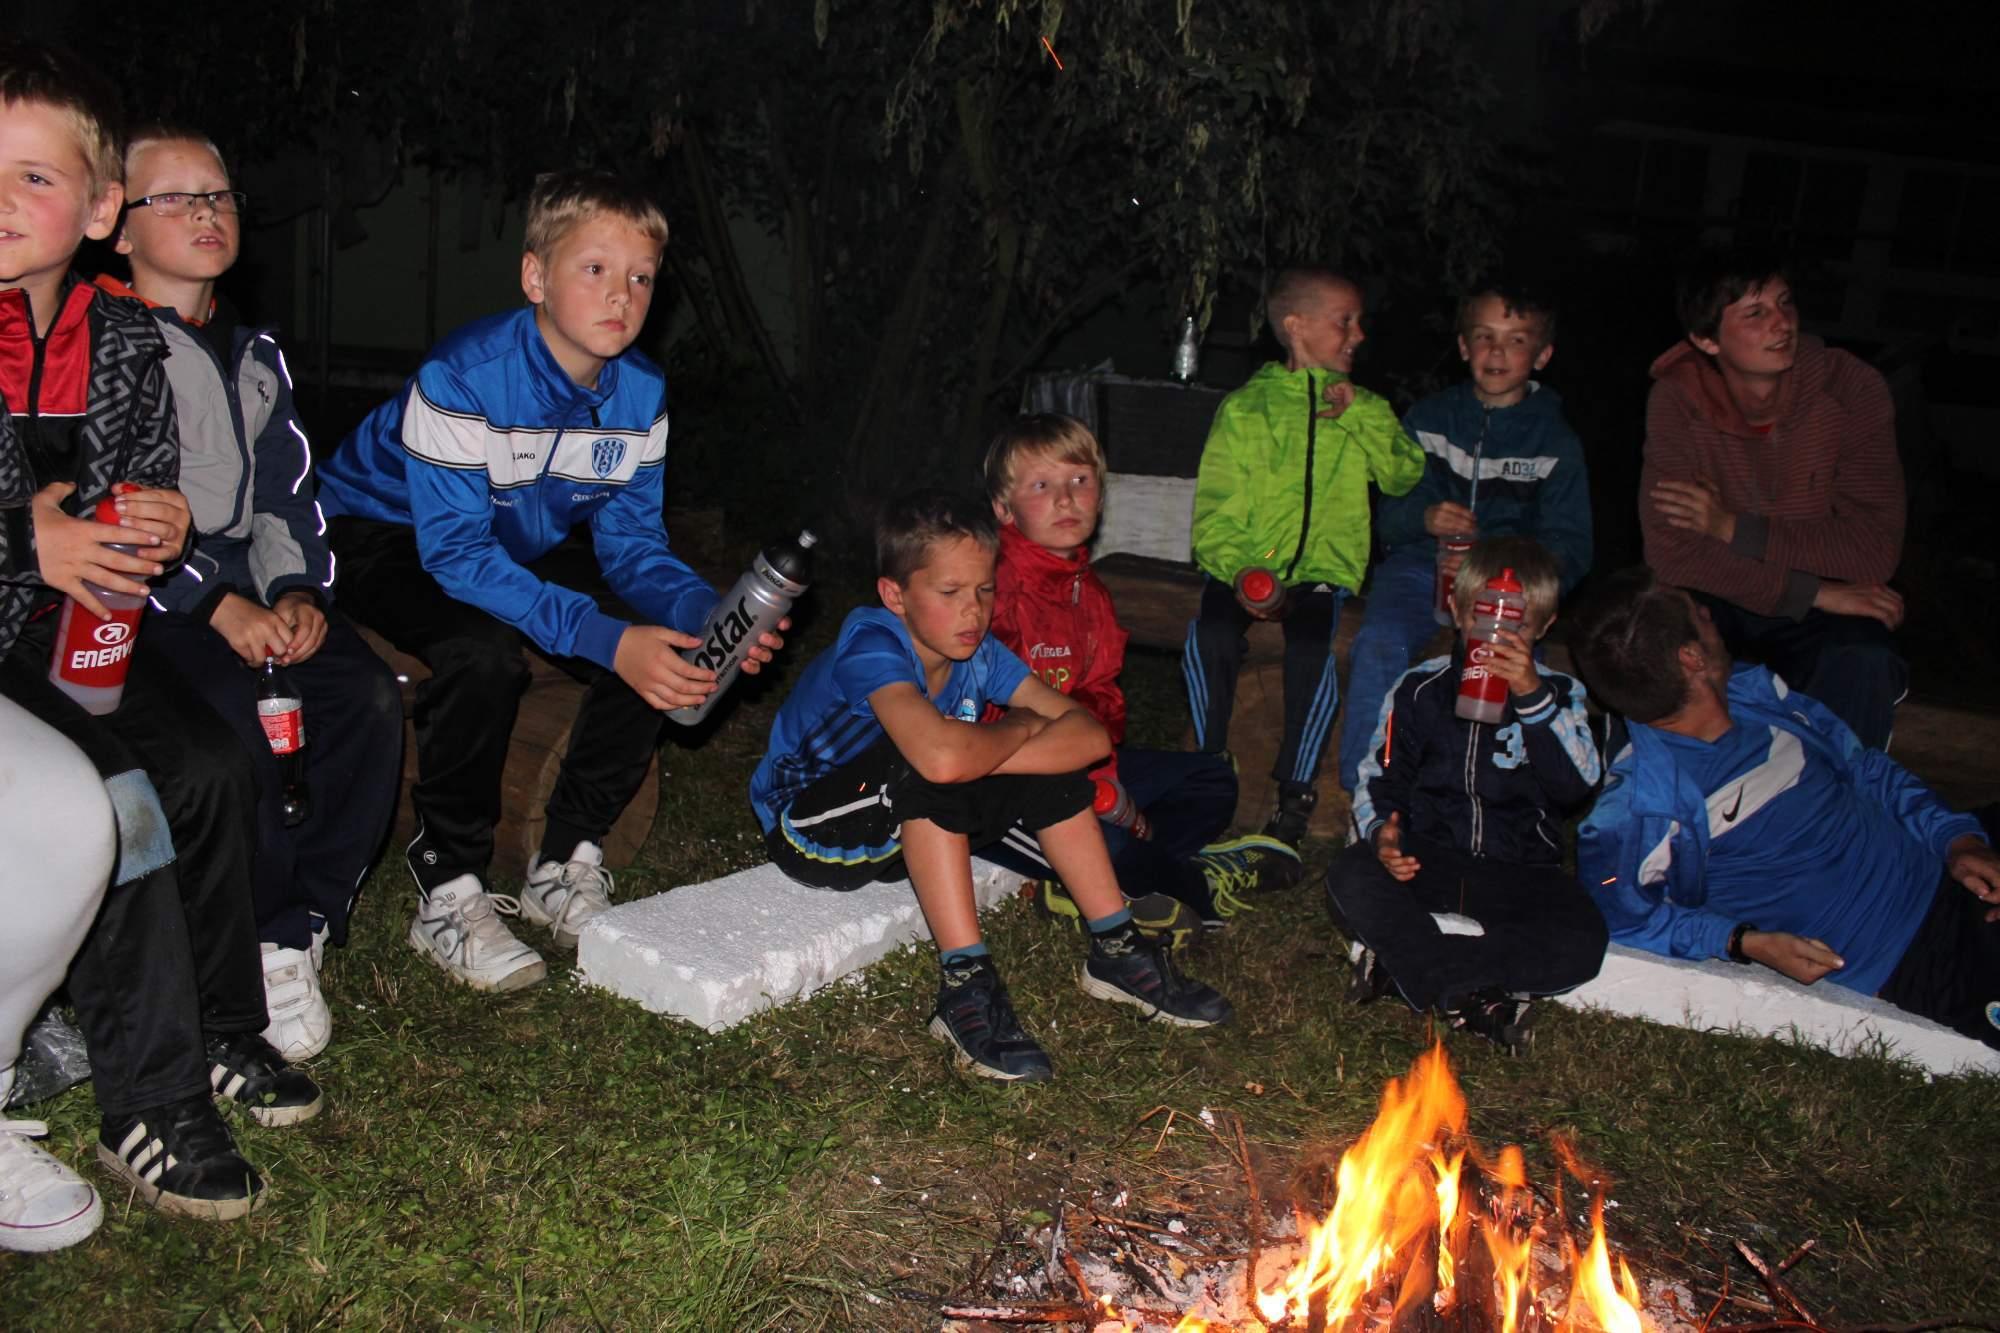 Fotbalové prázdniny Fotbalový kemp Fotbalové Prázdniny 2014 Opejkačka vol.2